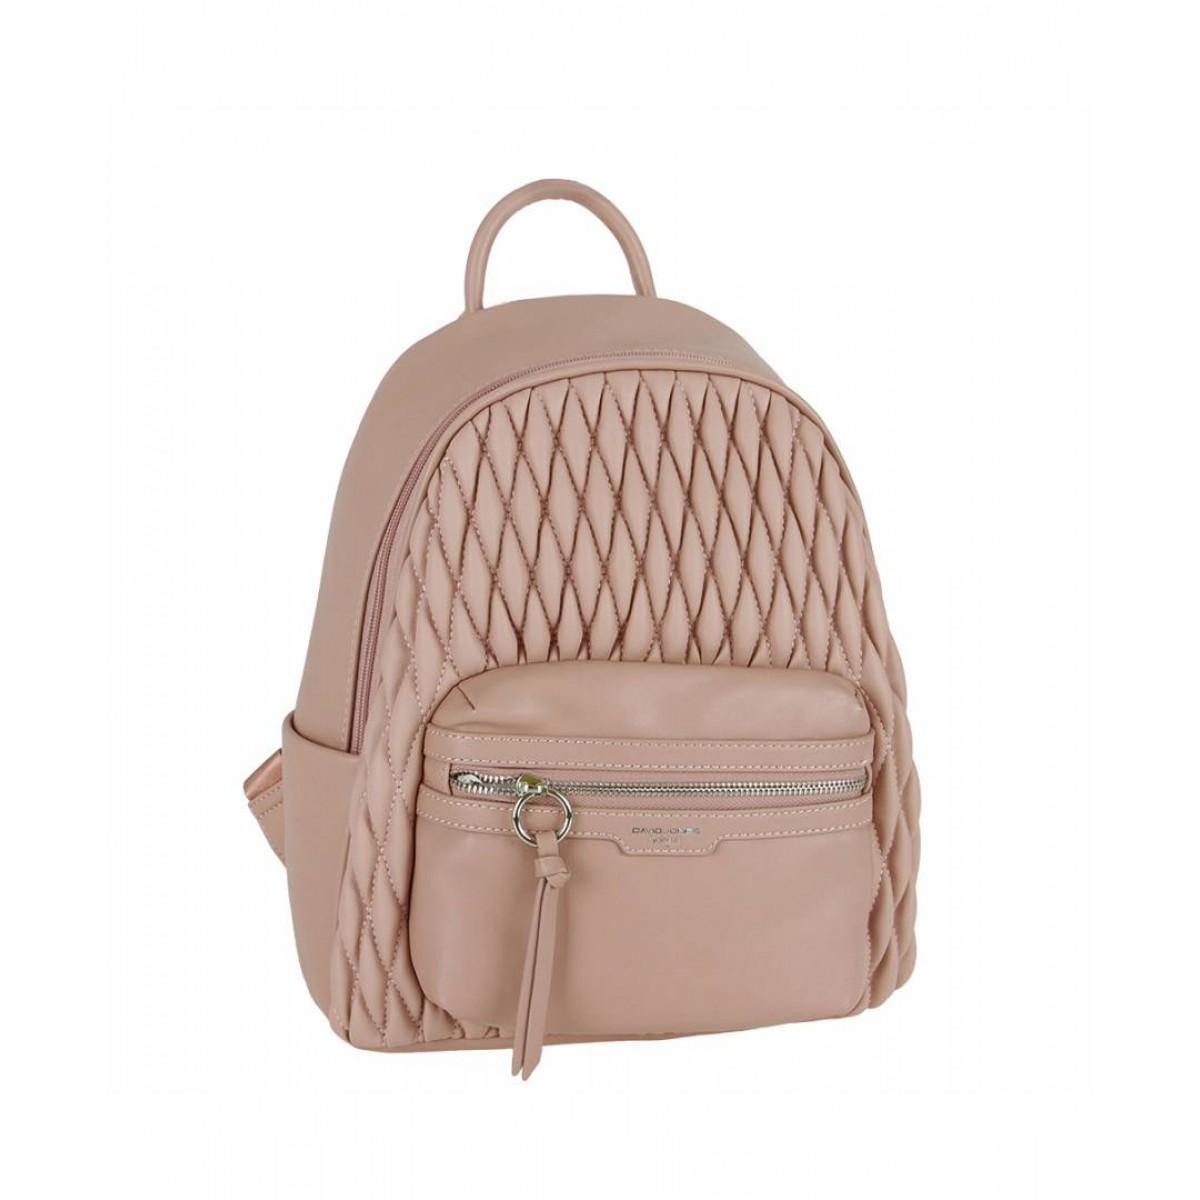 Жіночий рюкзак David Jones 6266-2 PINK